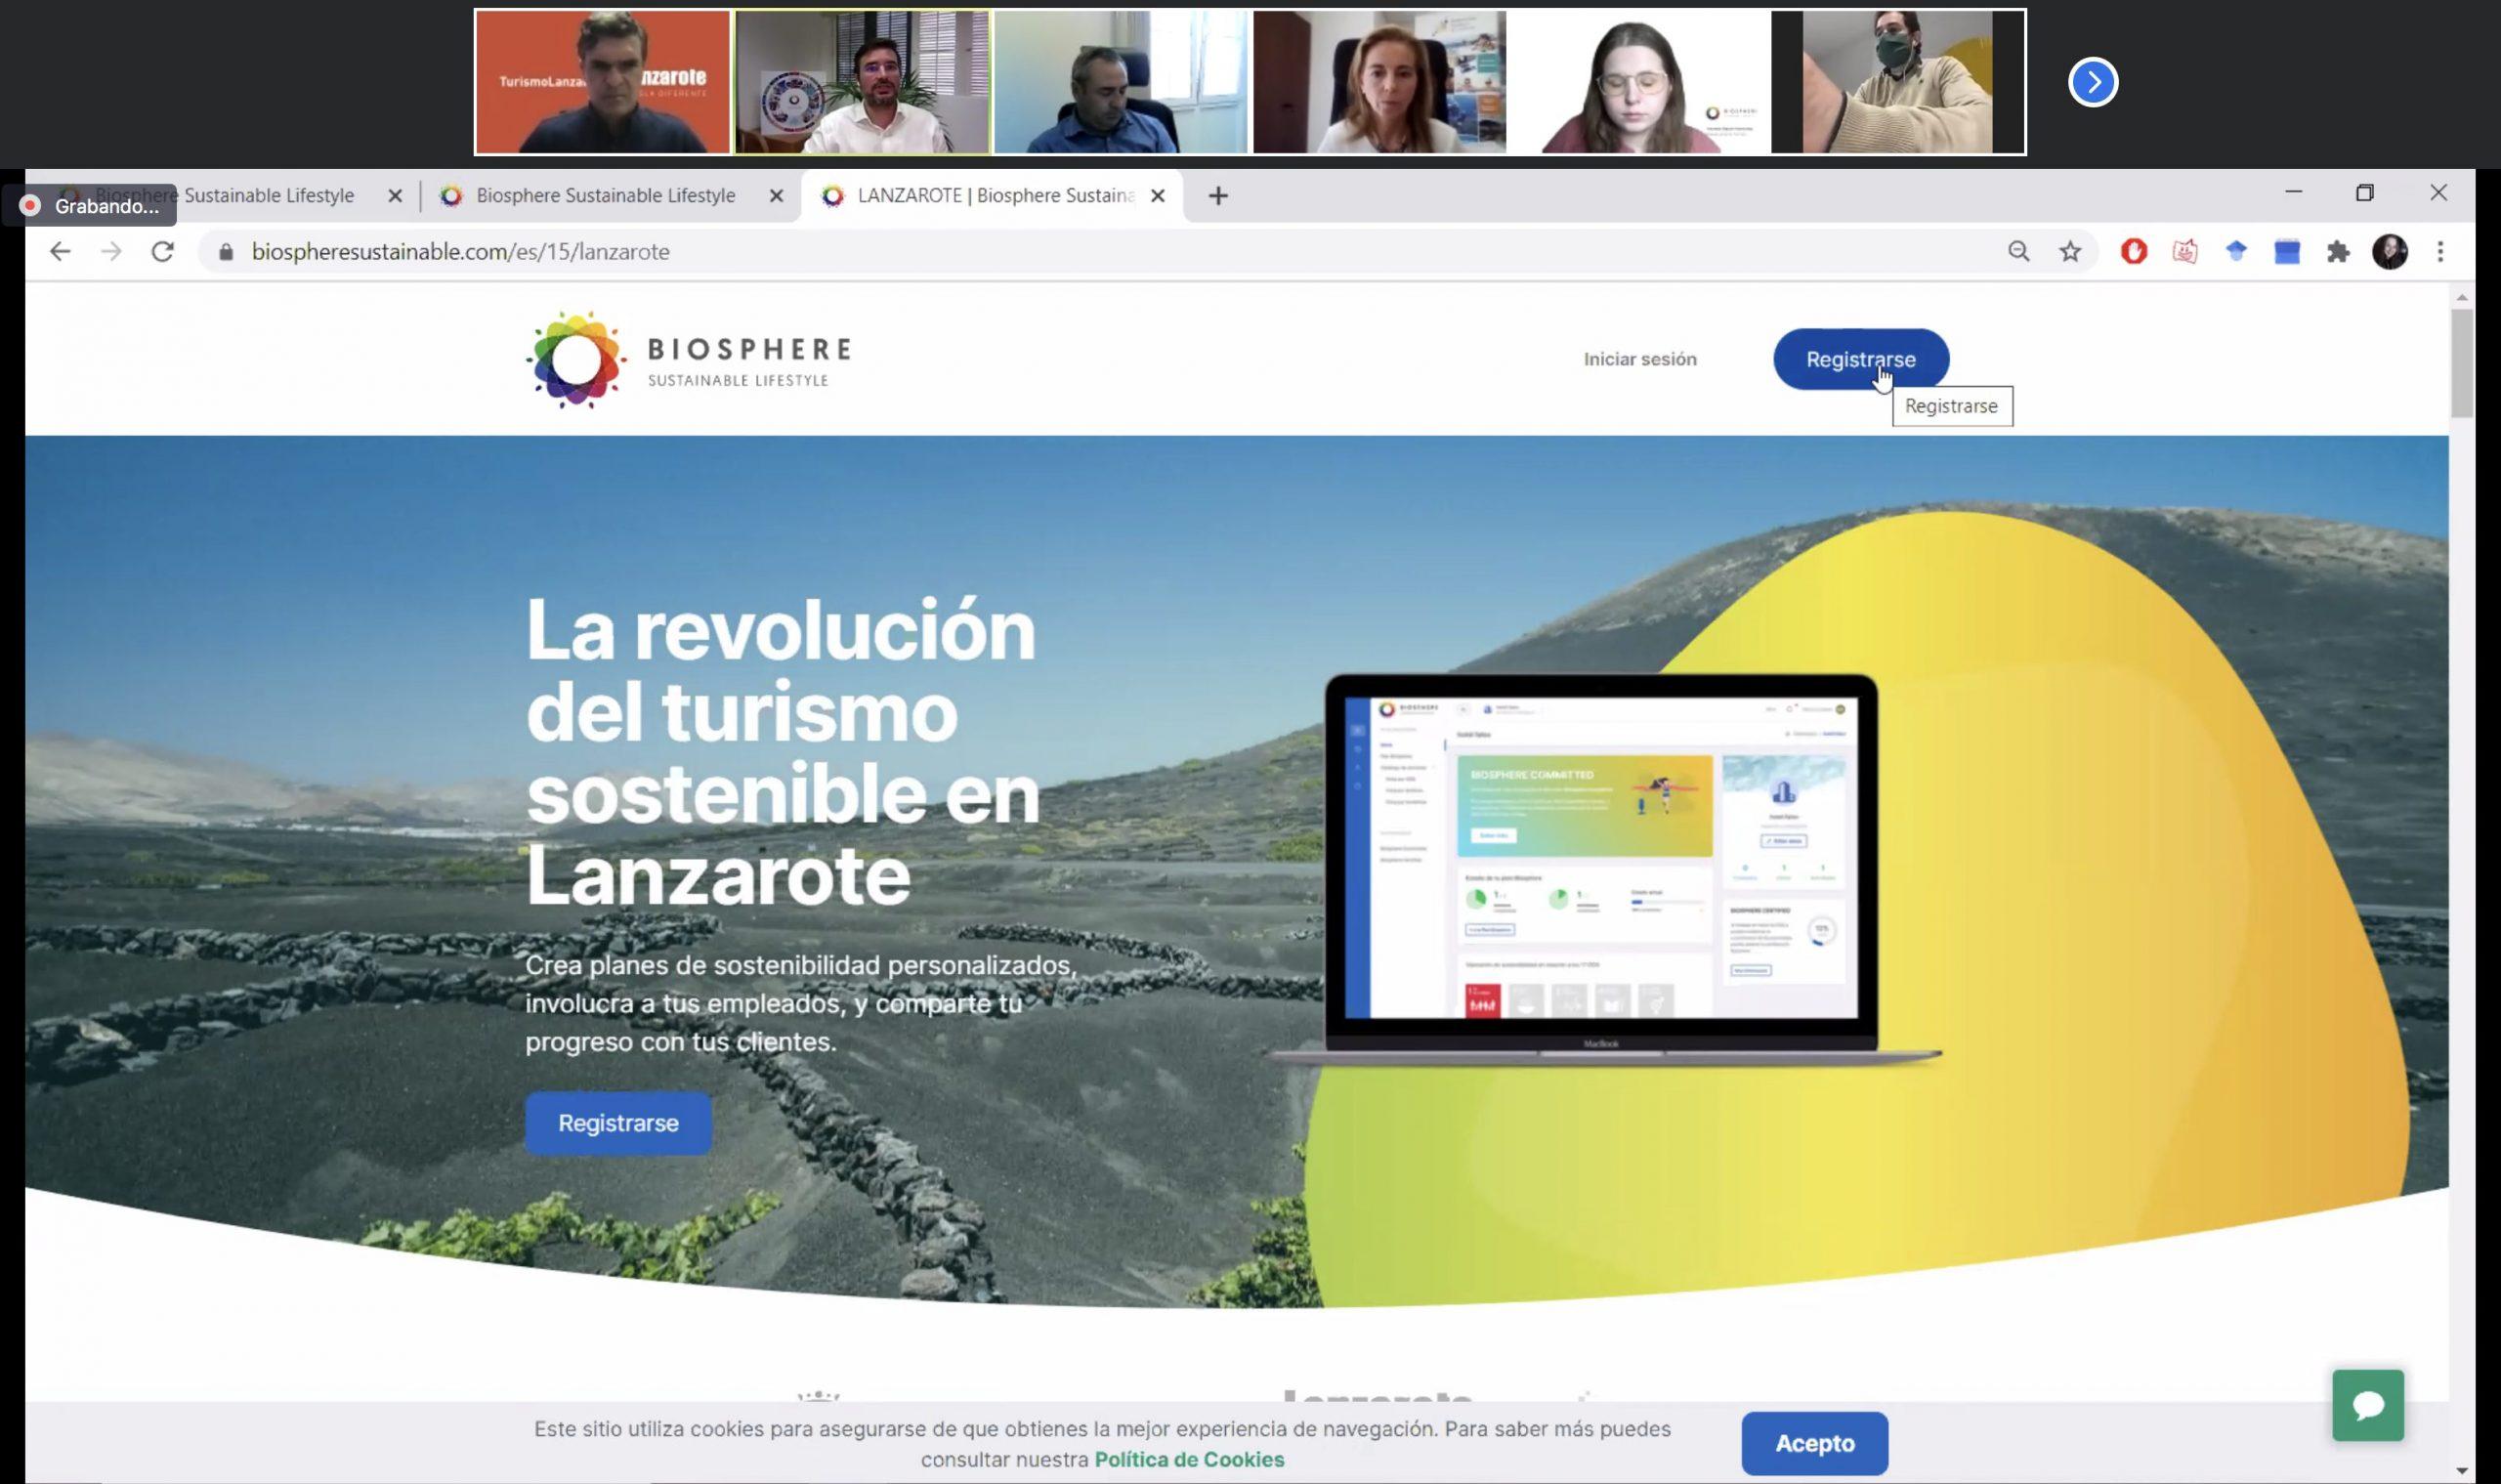 Turismo Lanzarote y la Federación Turística insular aúnan sinergias de cara al cumplimiento de los Objetivos de Desarrollo Sostenible y la Agenda 2030